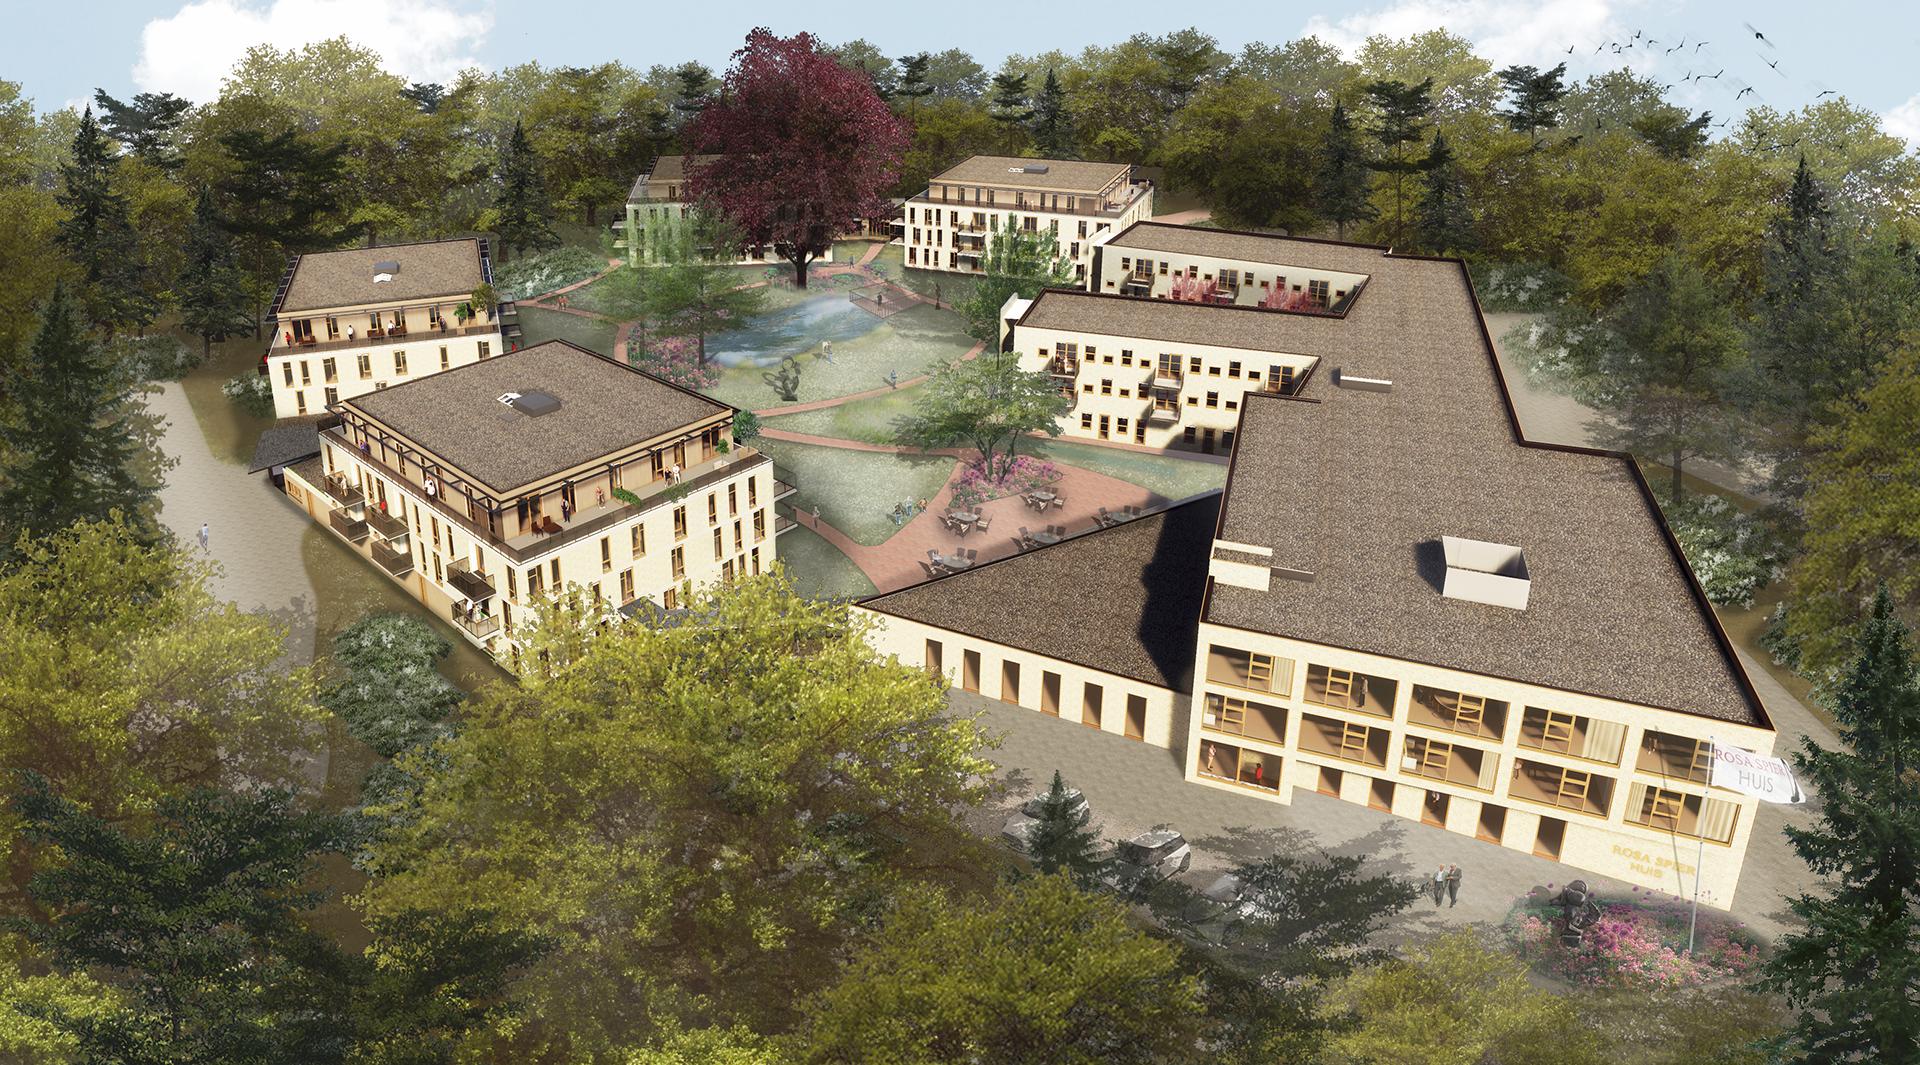 New construction care complex Rosa Spier Huis, Laren